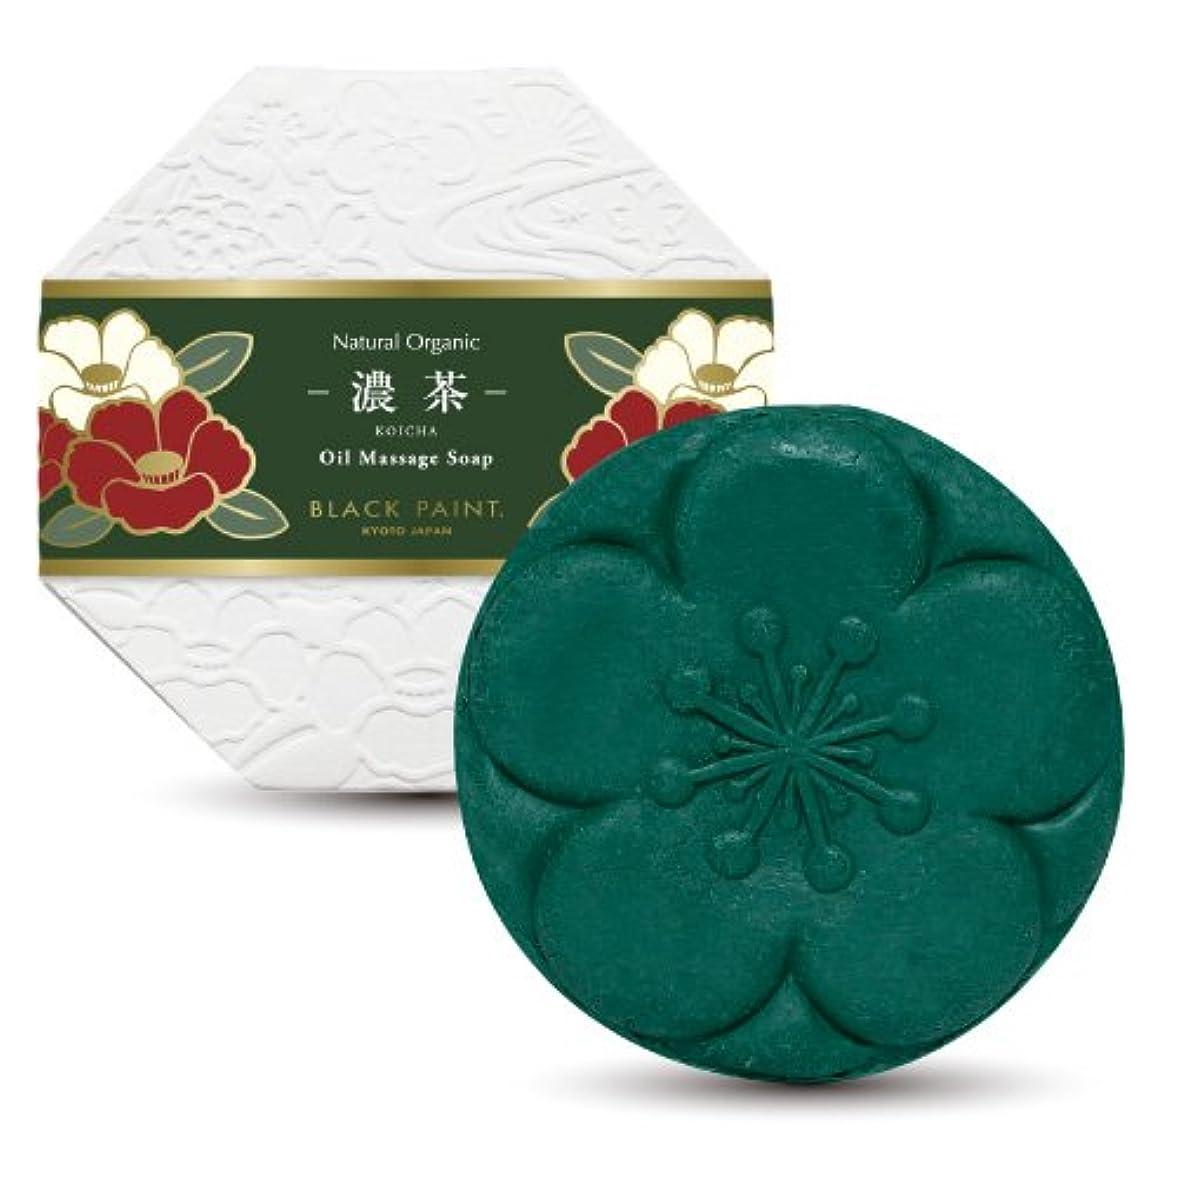 見込み成功したに沿って京のお茶石鹸 濃茶 120g 塗る石鹸